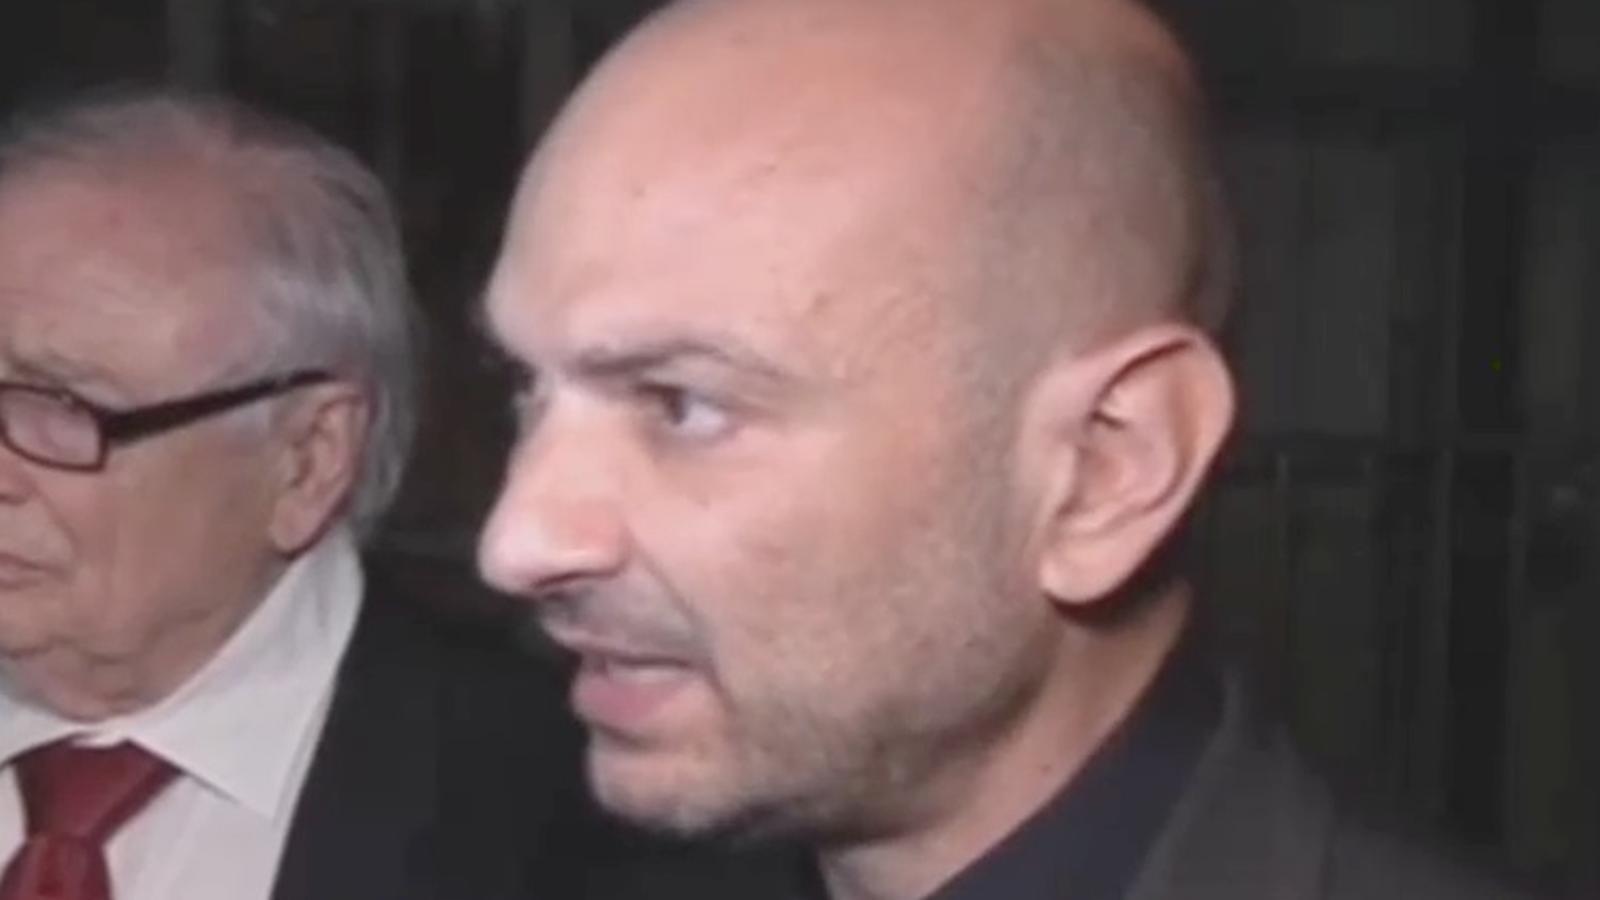 L'advocat de DSK critica la mediatització del cas